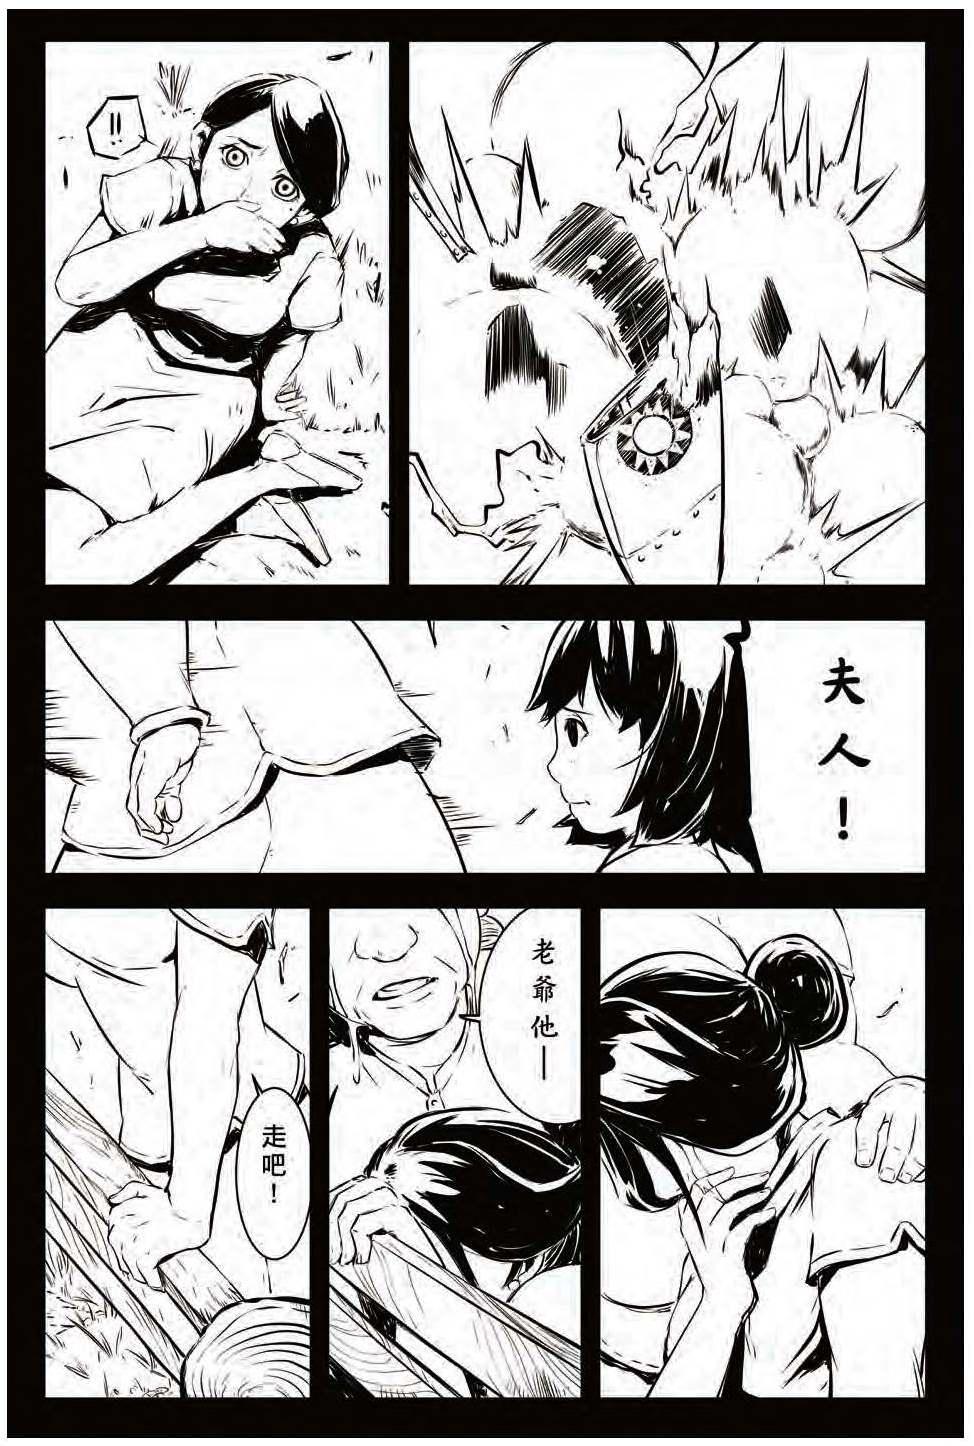 51屆漫畫項國軍組優選_那些留下來的故事08.jpg